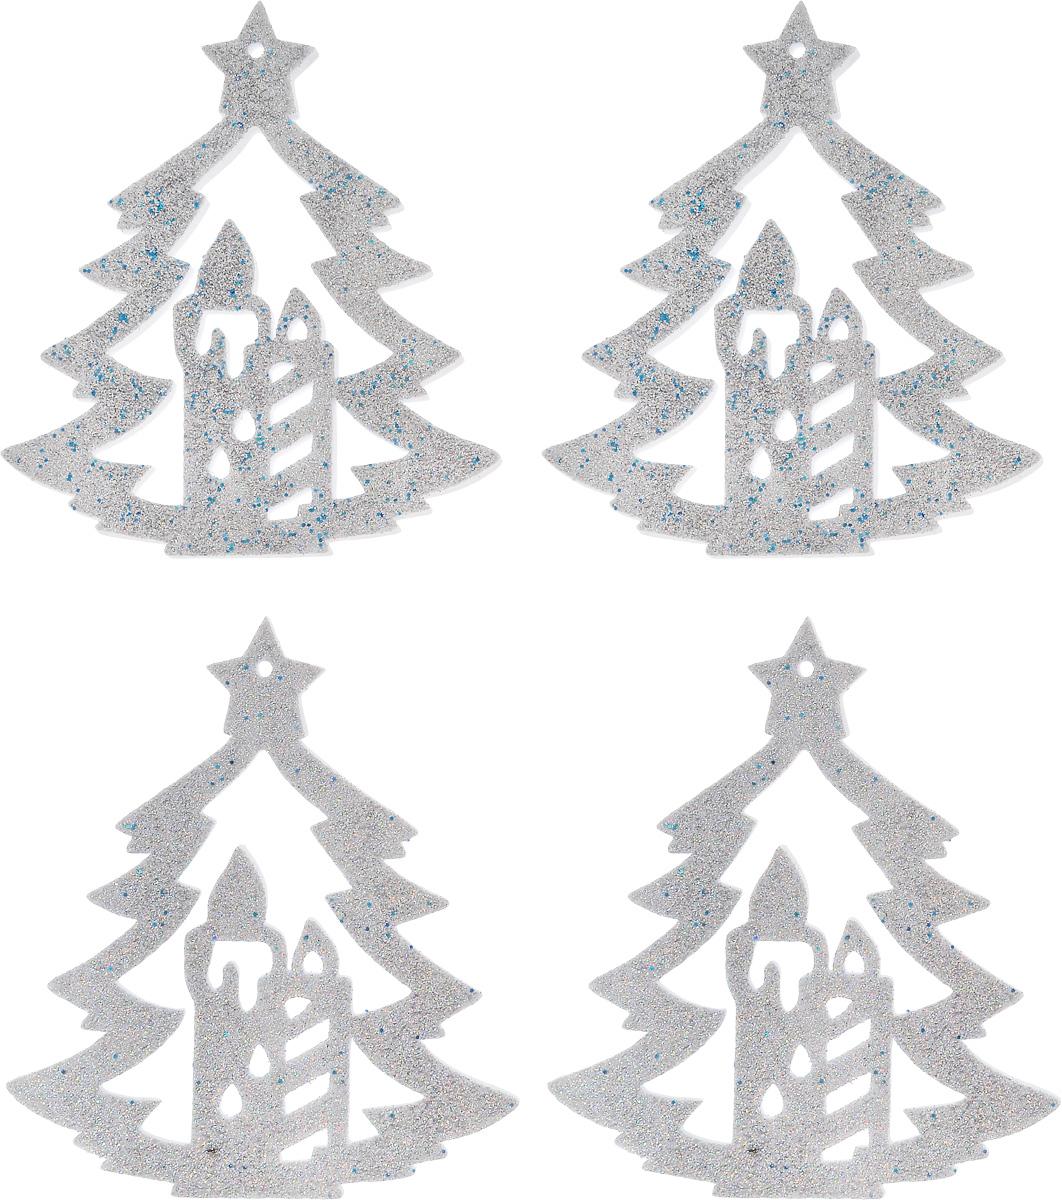 Набор новогодних подвесных украшений House & Holder Елка, цвет: серебристый, 4 штY68-8314/3RНабор подвесных украшений House & Holder Елка прекрасноподойдет для праздничного декора новогодней ели.Набор состоит из 4пластиковых украшений. Елочная игрушка - символ Нового года. Она несет всебе волшебство икрасоту праздника. Создайте в своем домеатмосферу веселья и радости,украшая новогоднюю елку нарядными игрушками,которые будут из года вгод накапливать теплоту воспоминаний.Откройте для себя удивительный мир сказок и грез.Почувствуйтеволшебные минуты ожидания праздника, создайтеновогоднее настроениевашим дорогим и близким. Размер: 11 х 0,5 х 12,5 см.